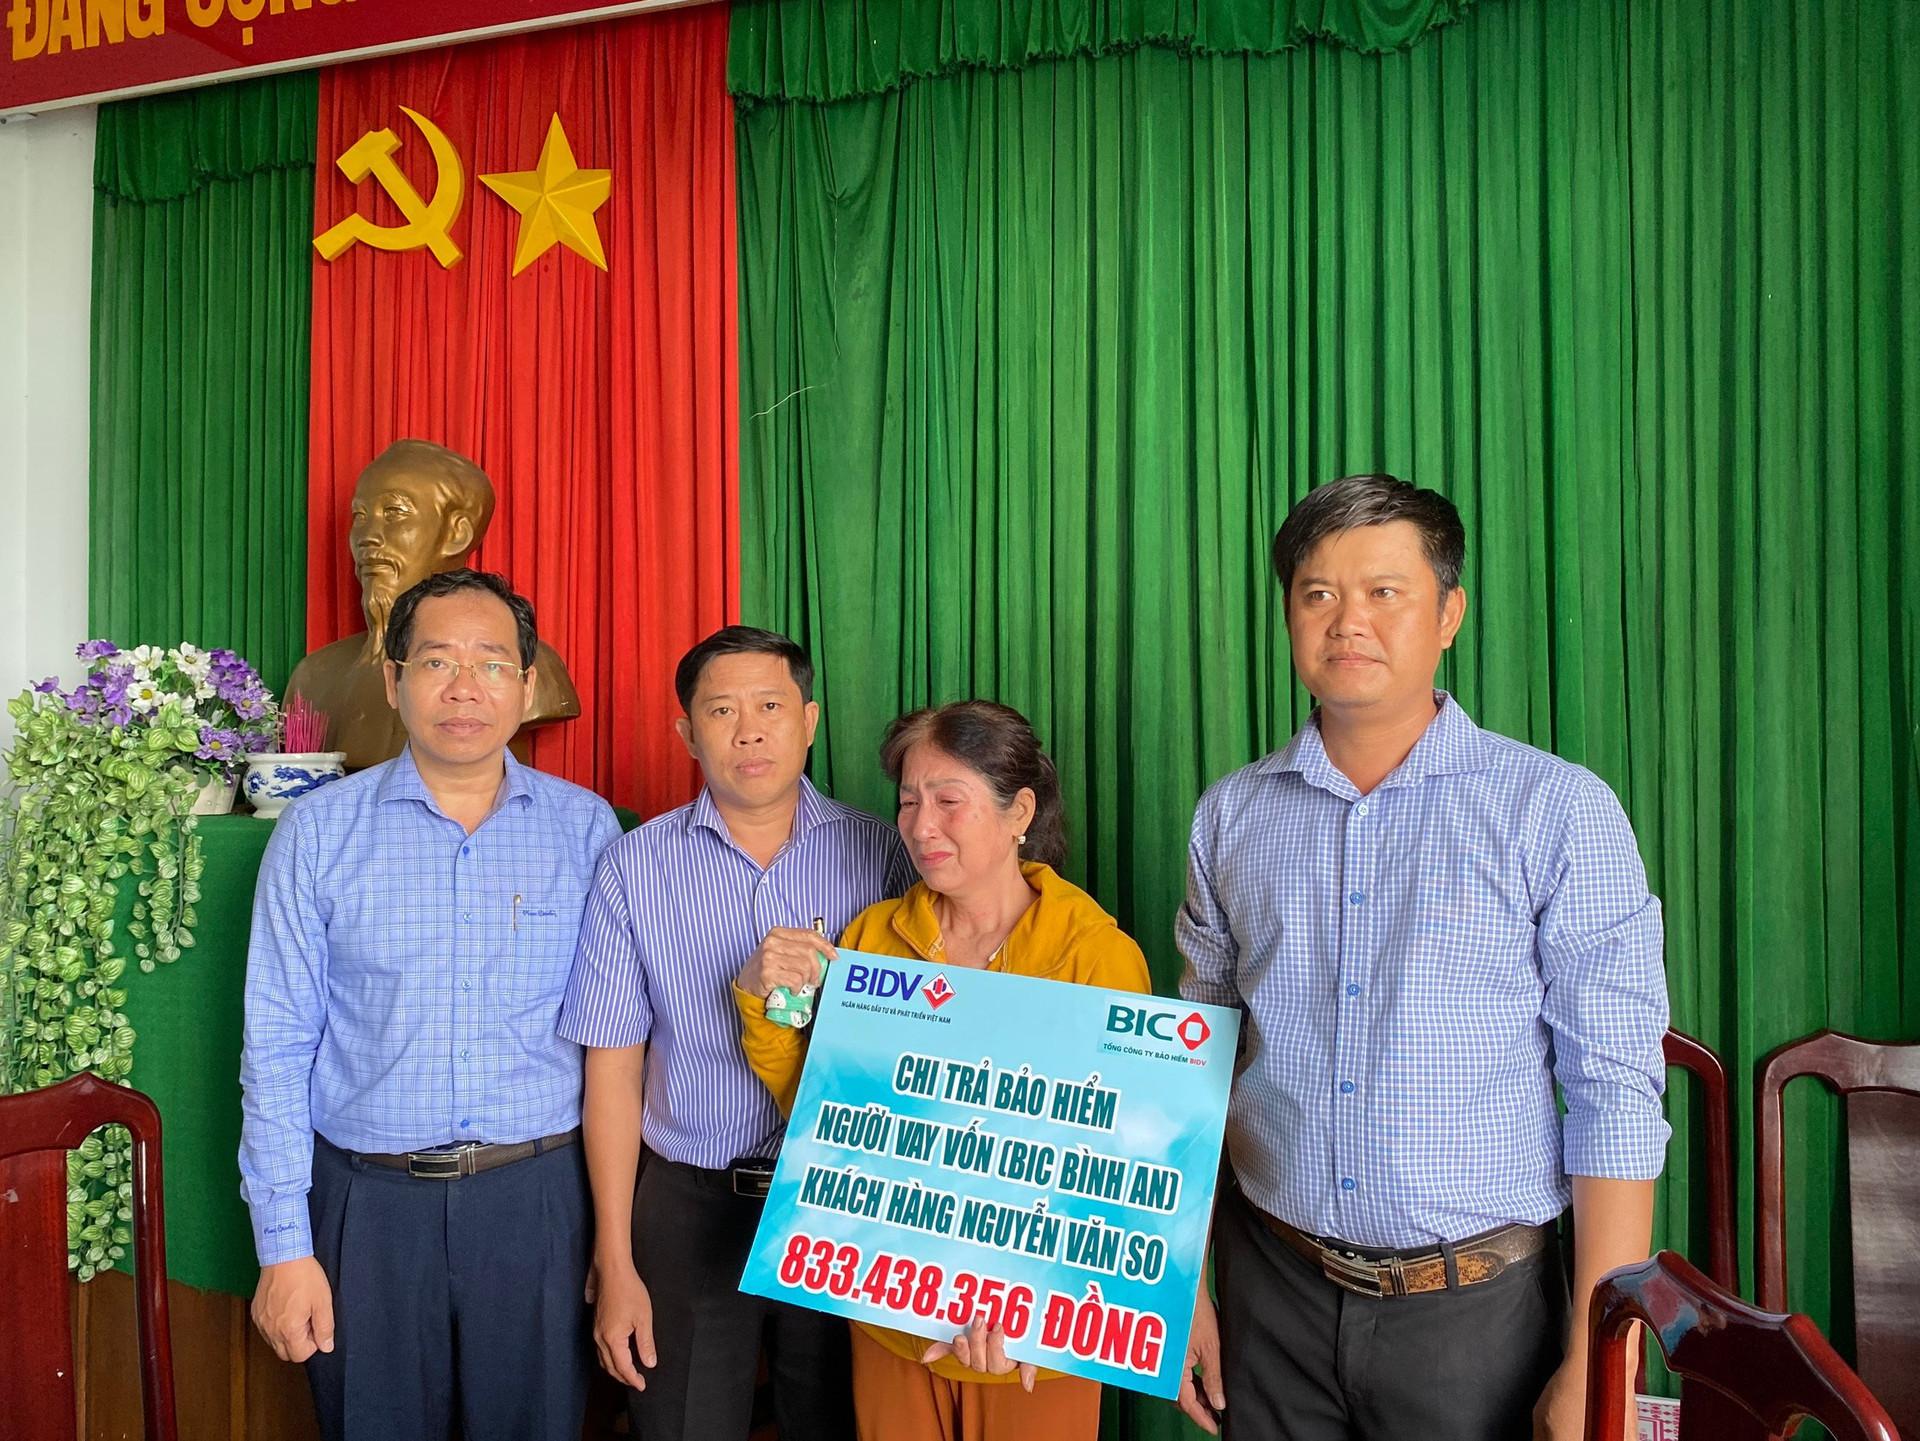 bic-chi-tra-hon-800-trieu-dong-tien-bao-hiem-cho-kh-vay-von-tai-my-tho.jpg